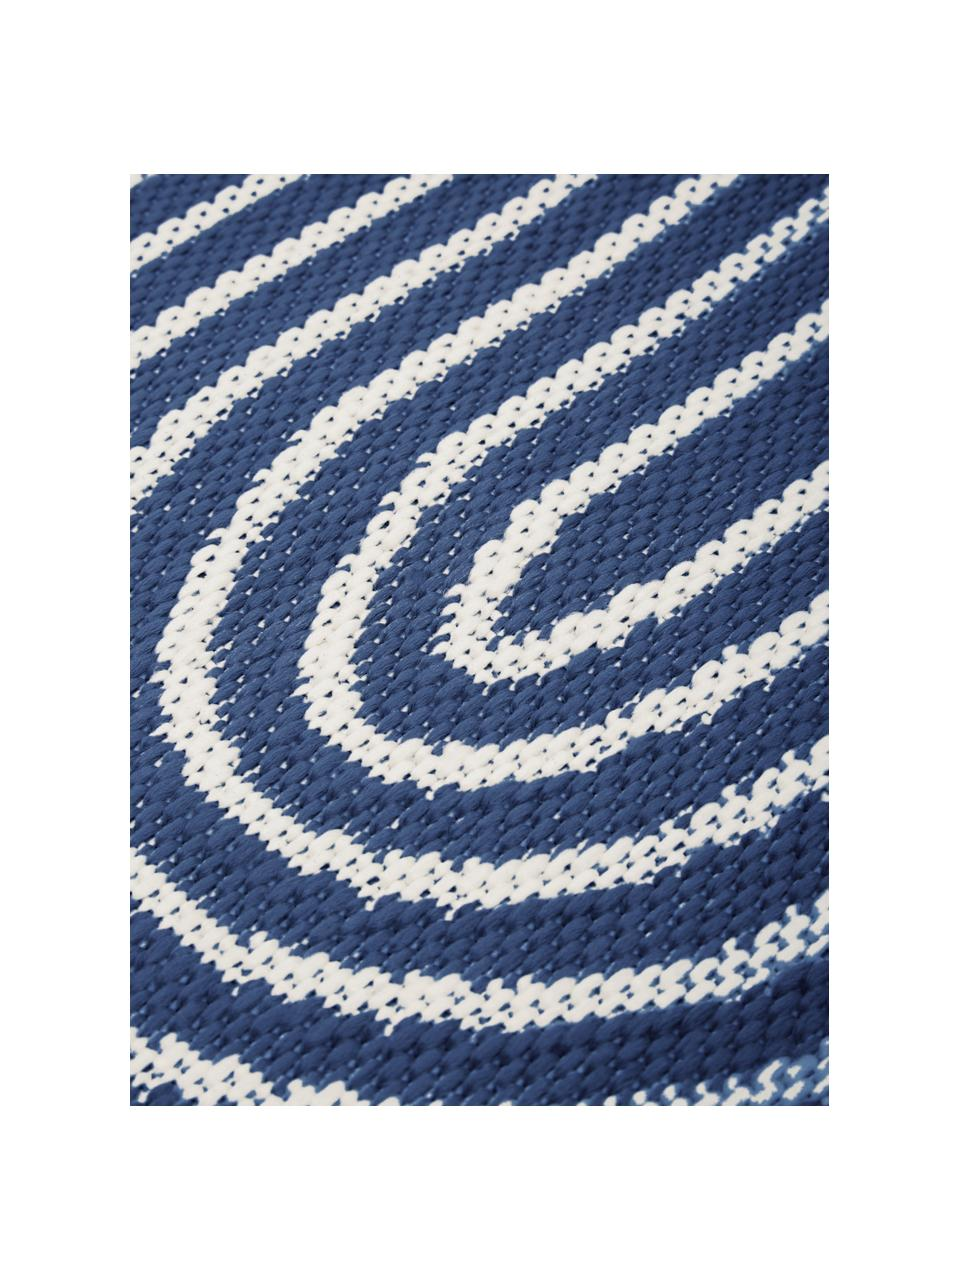 In- & Outdoorteppich Arches in Blau/Weiß, 86% Polypropylen, 14% Polyester, Blau, Weiß, B 200 x L 290 cm (Größe L)